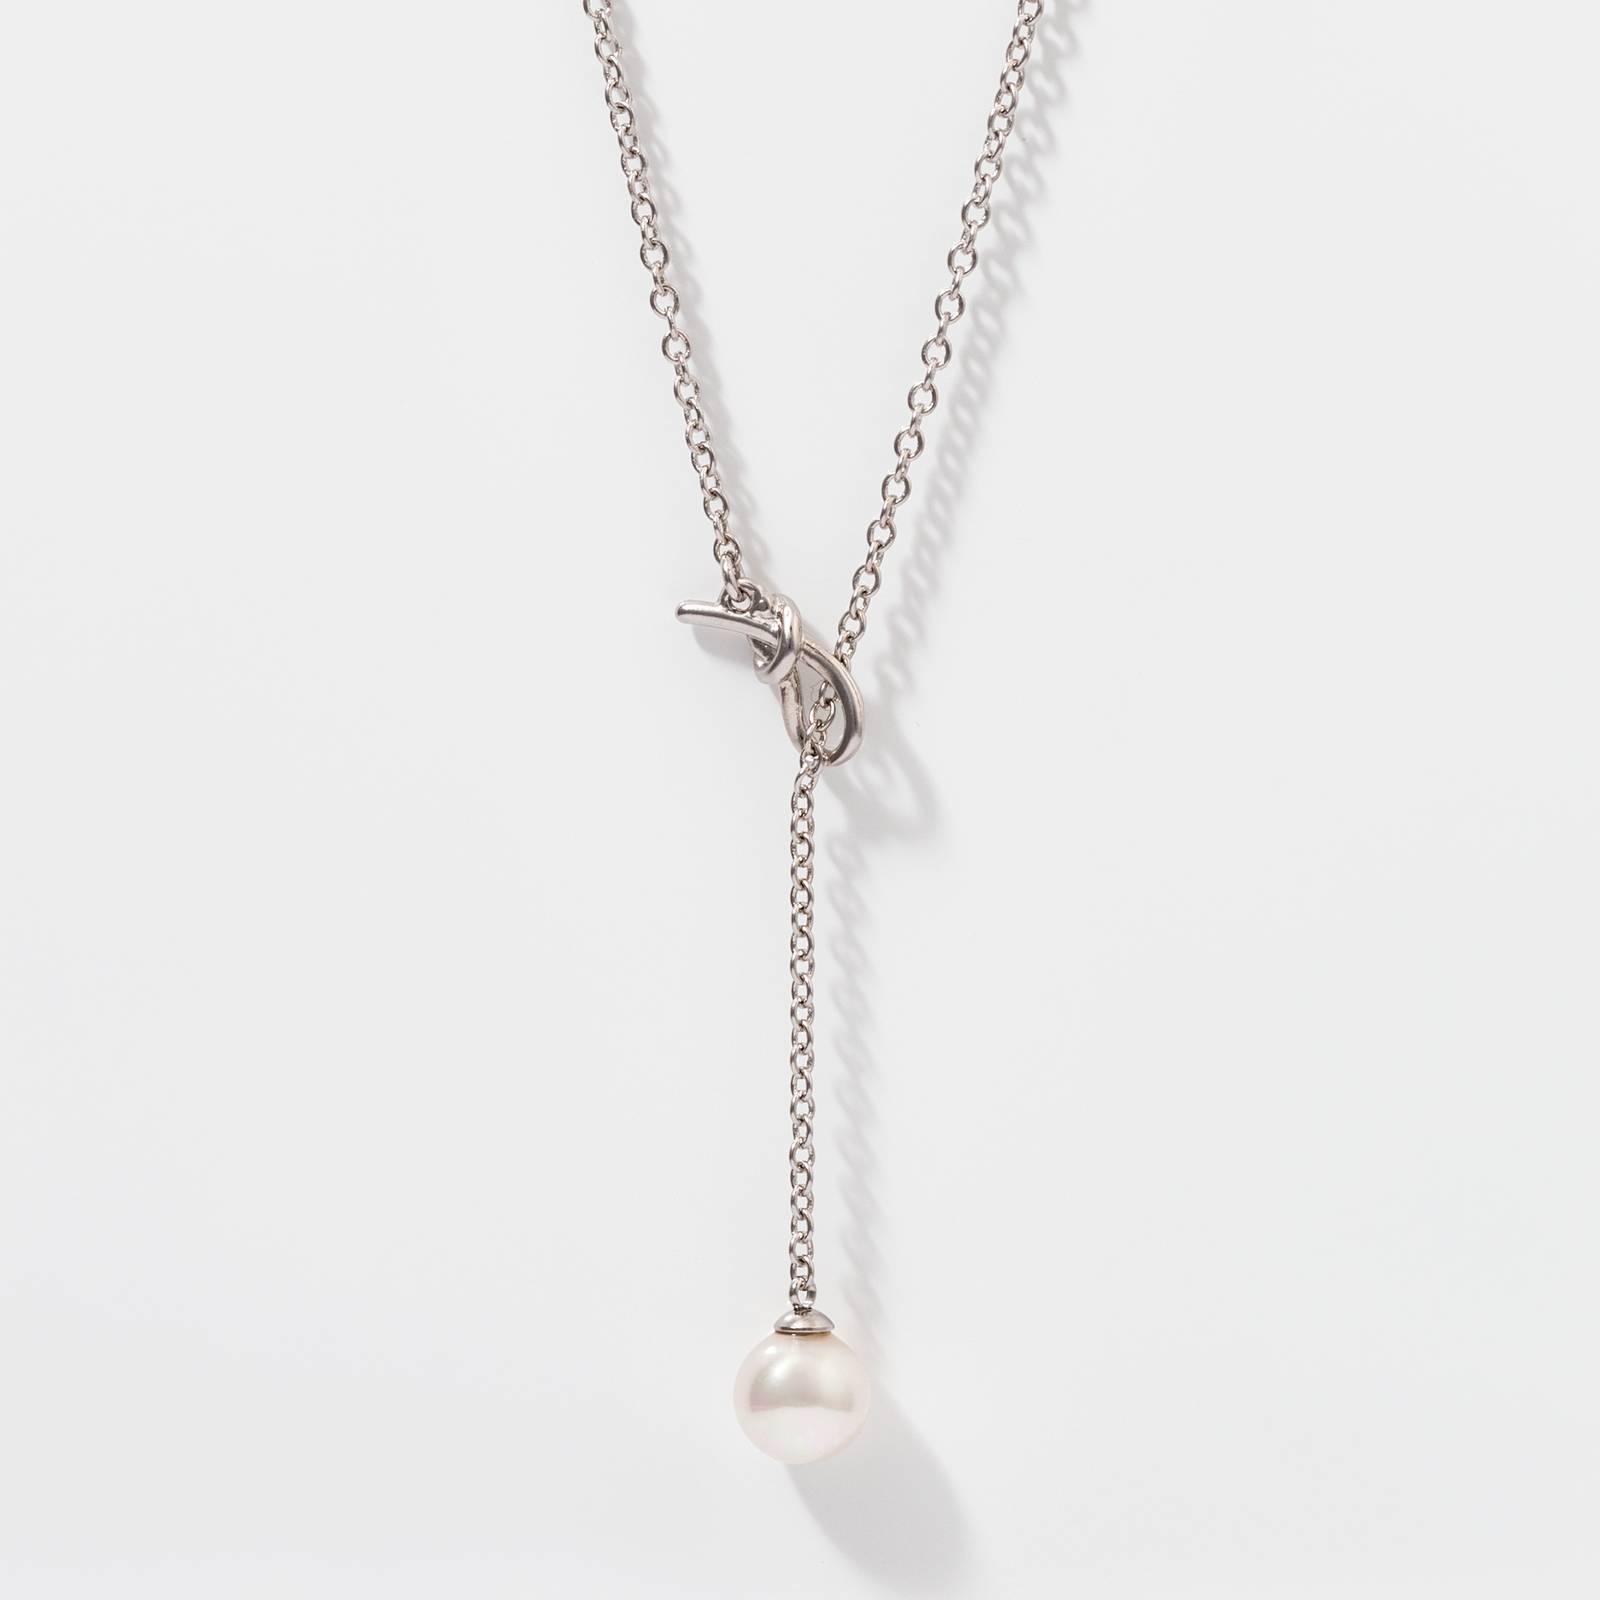 Colar Fine Silver - 15169.01.2